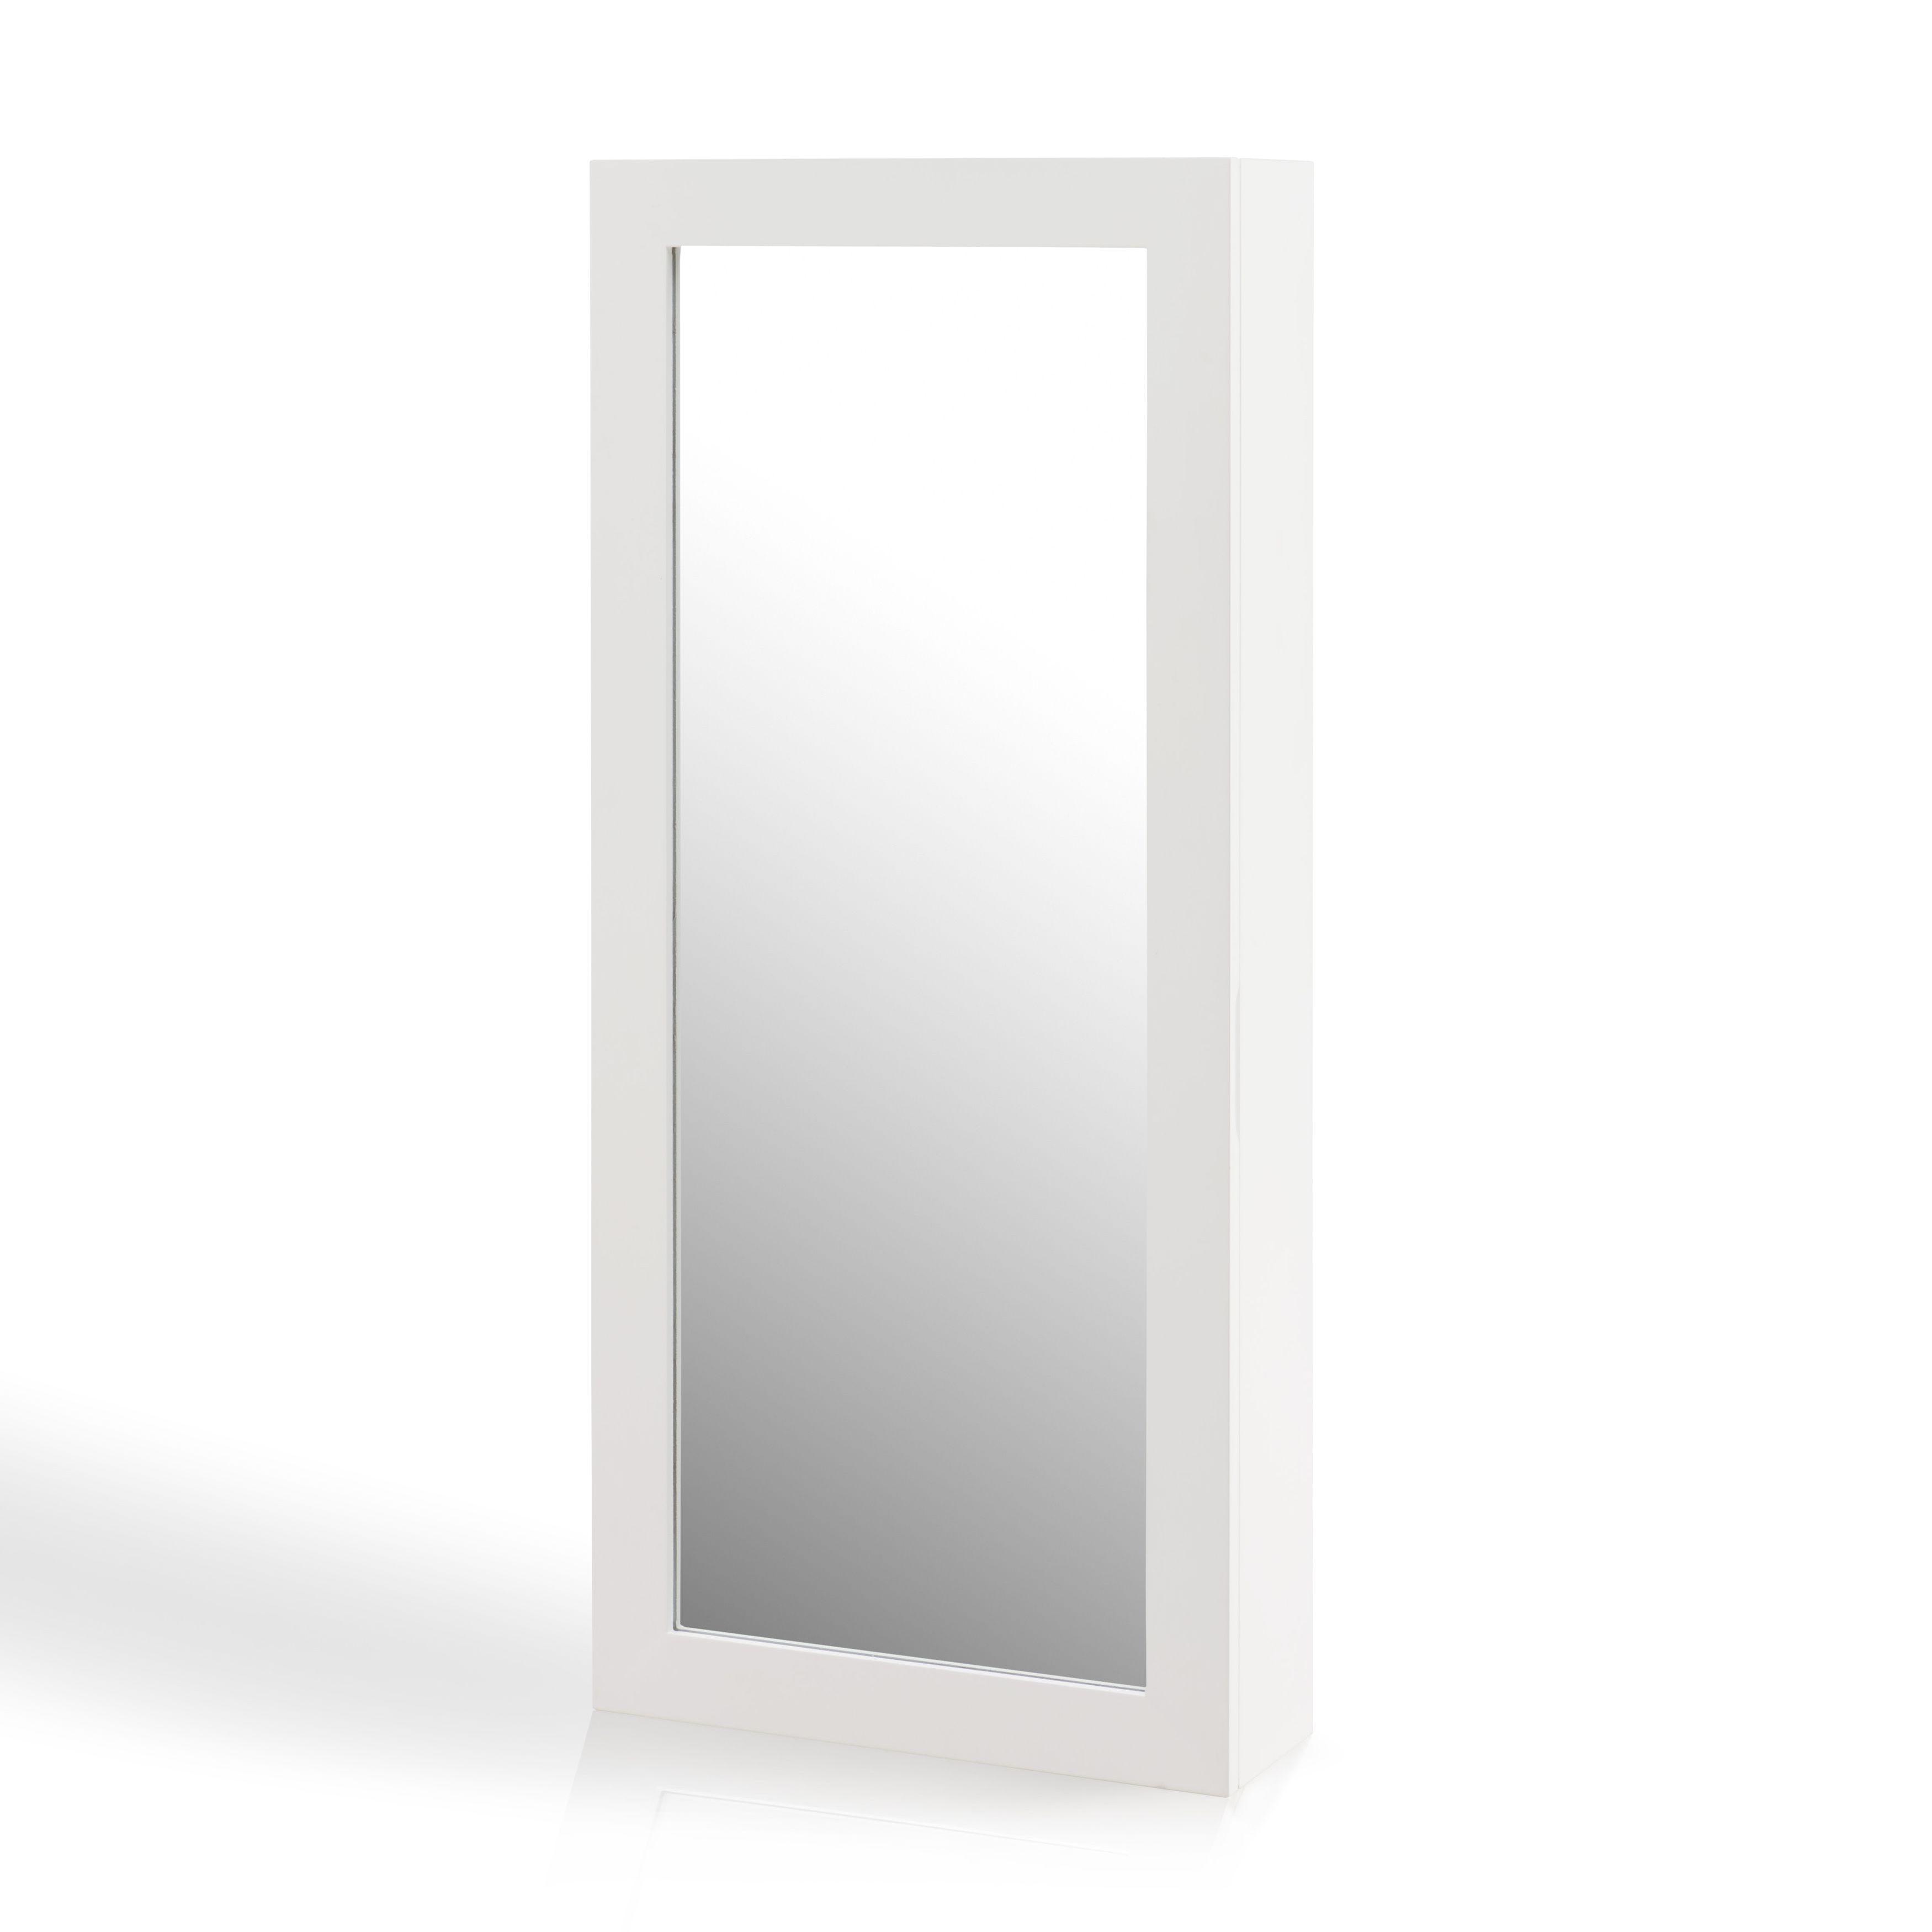 care cabinet high l ikea mirror white bathroom door with hemnes lillangen